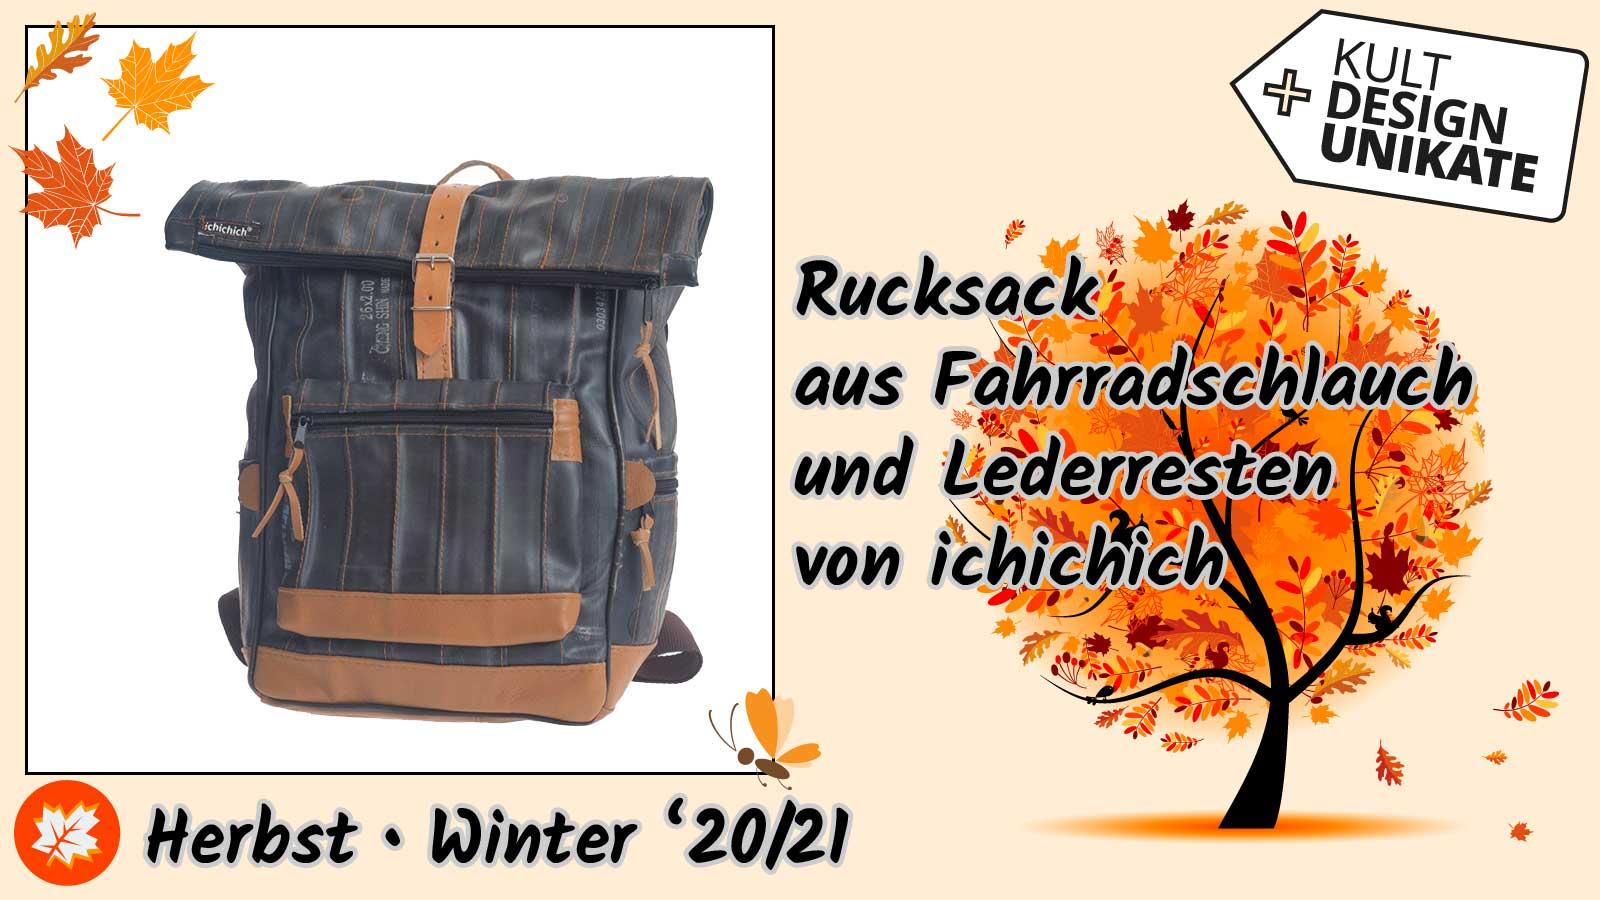 ichichich-Rucksack-aus-Fahrradschlauch-und-Lederresten